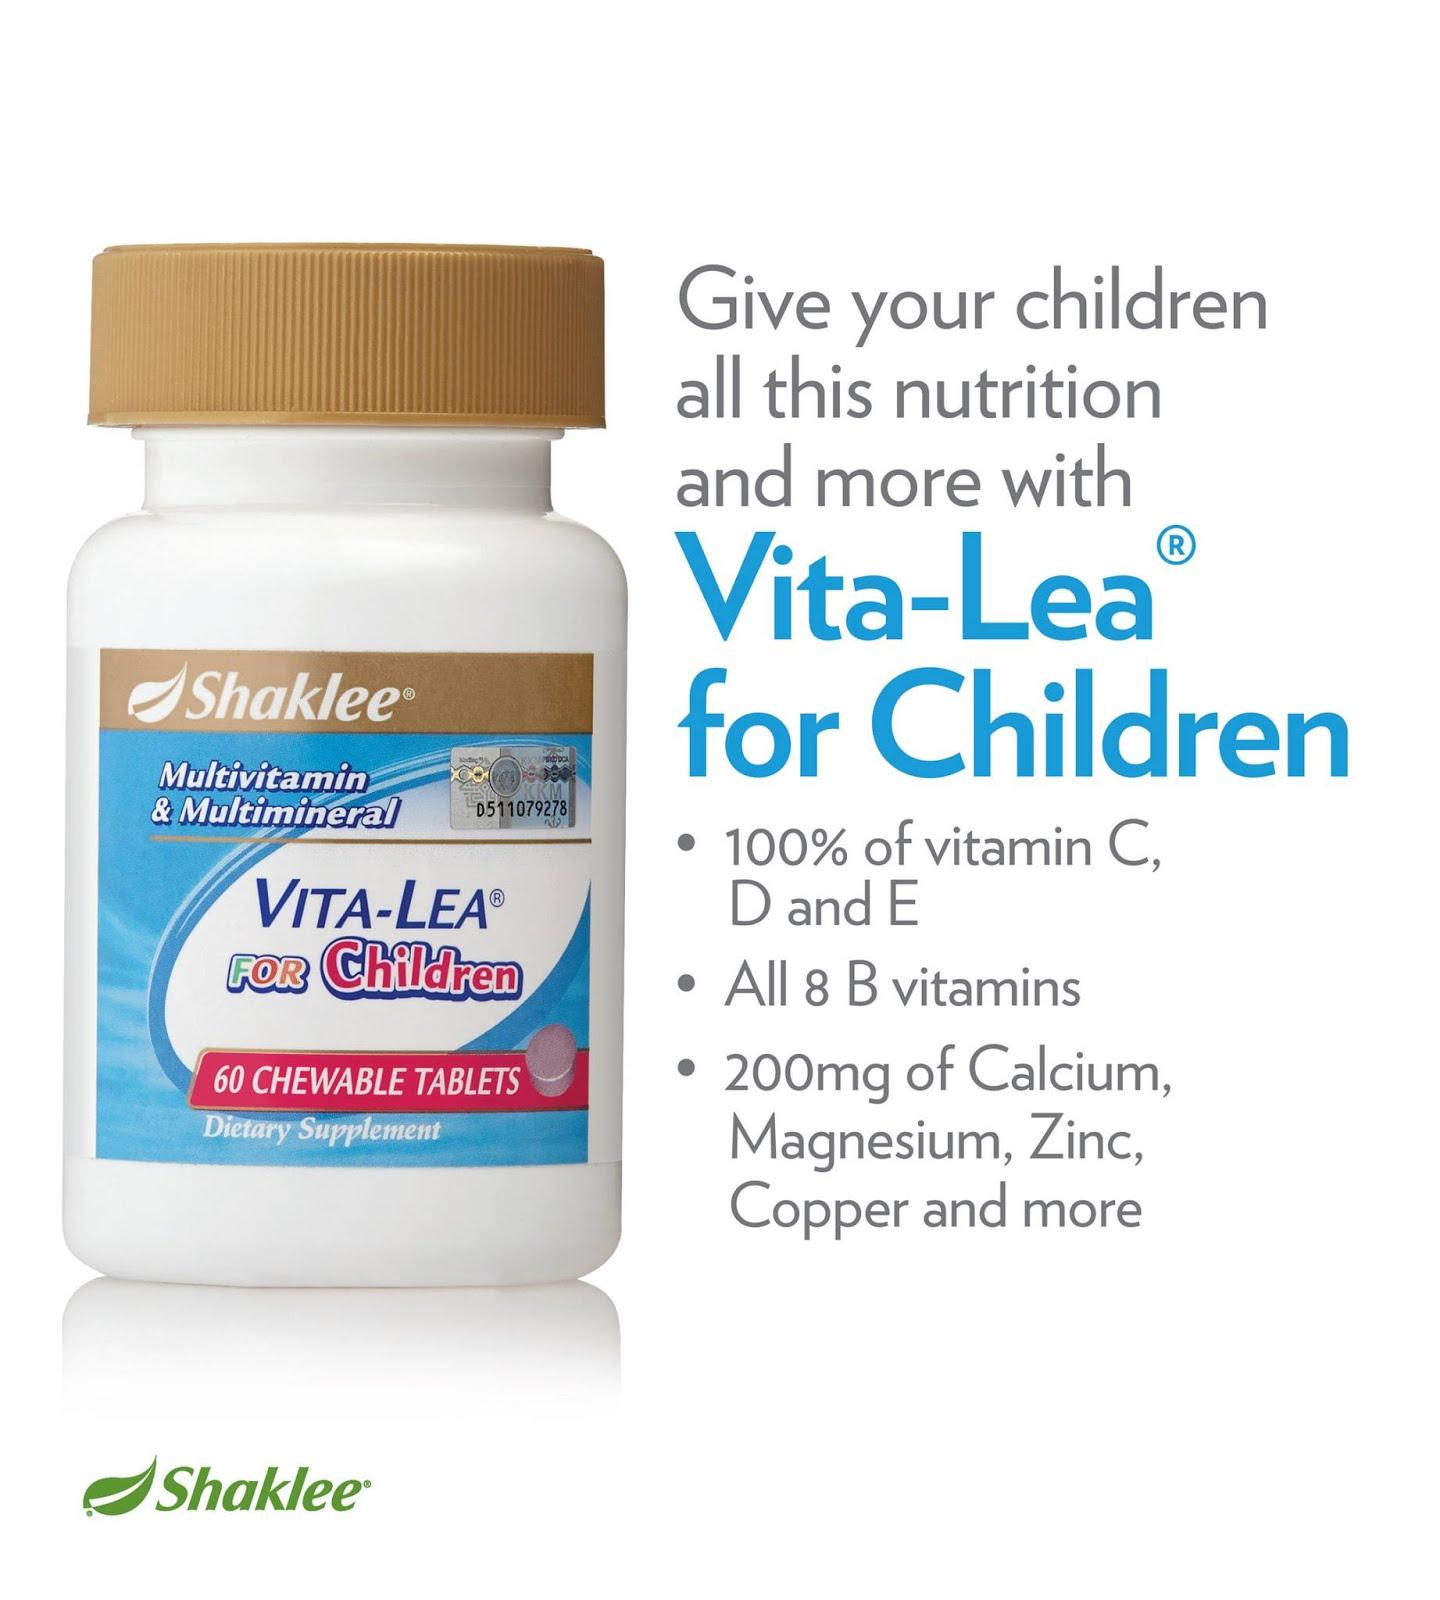 Vita-Lea 4 Child